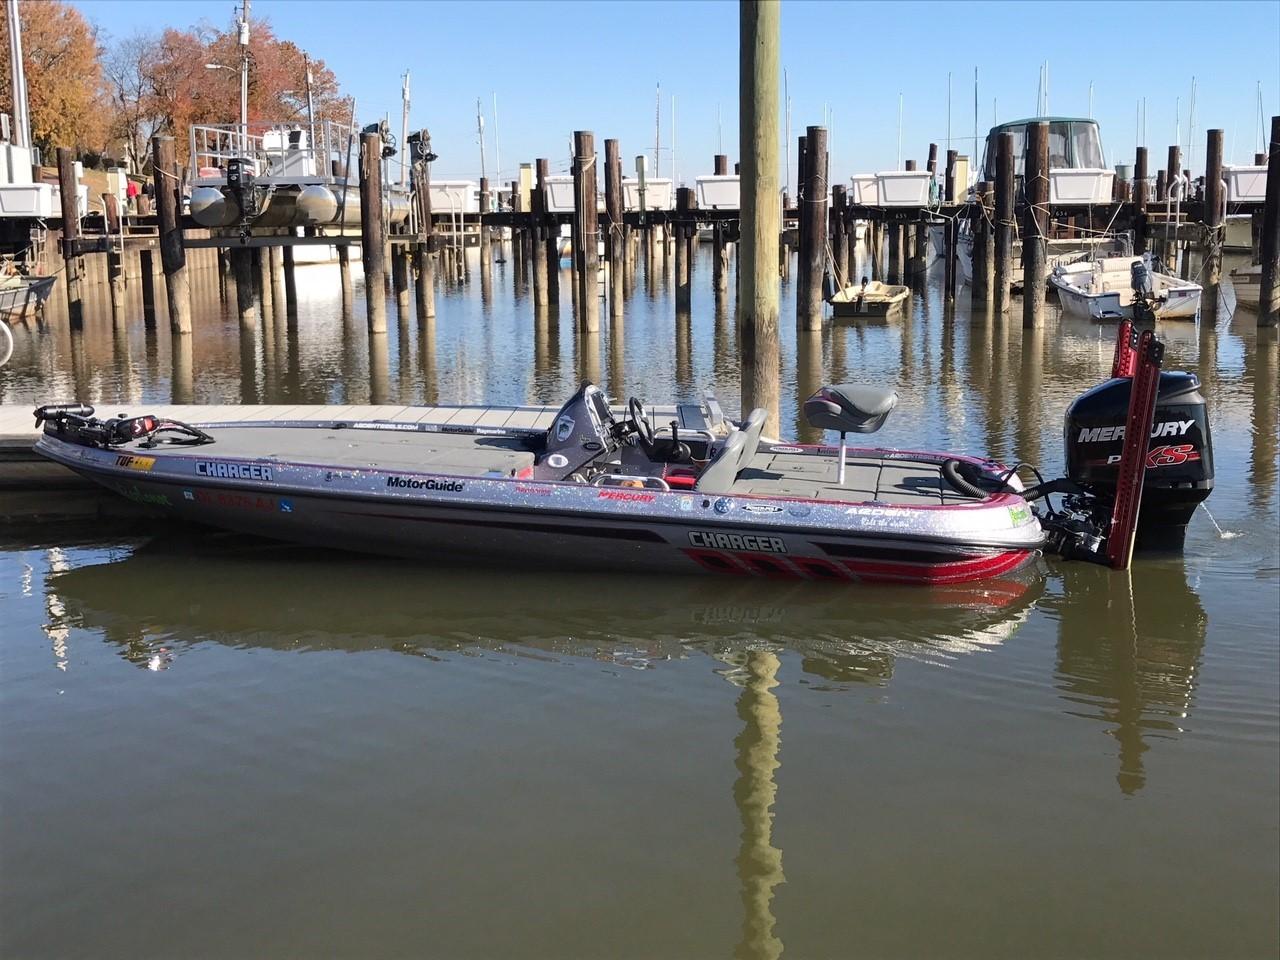 Charger Boat 8cvbg